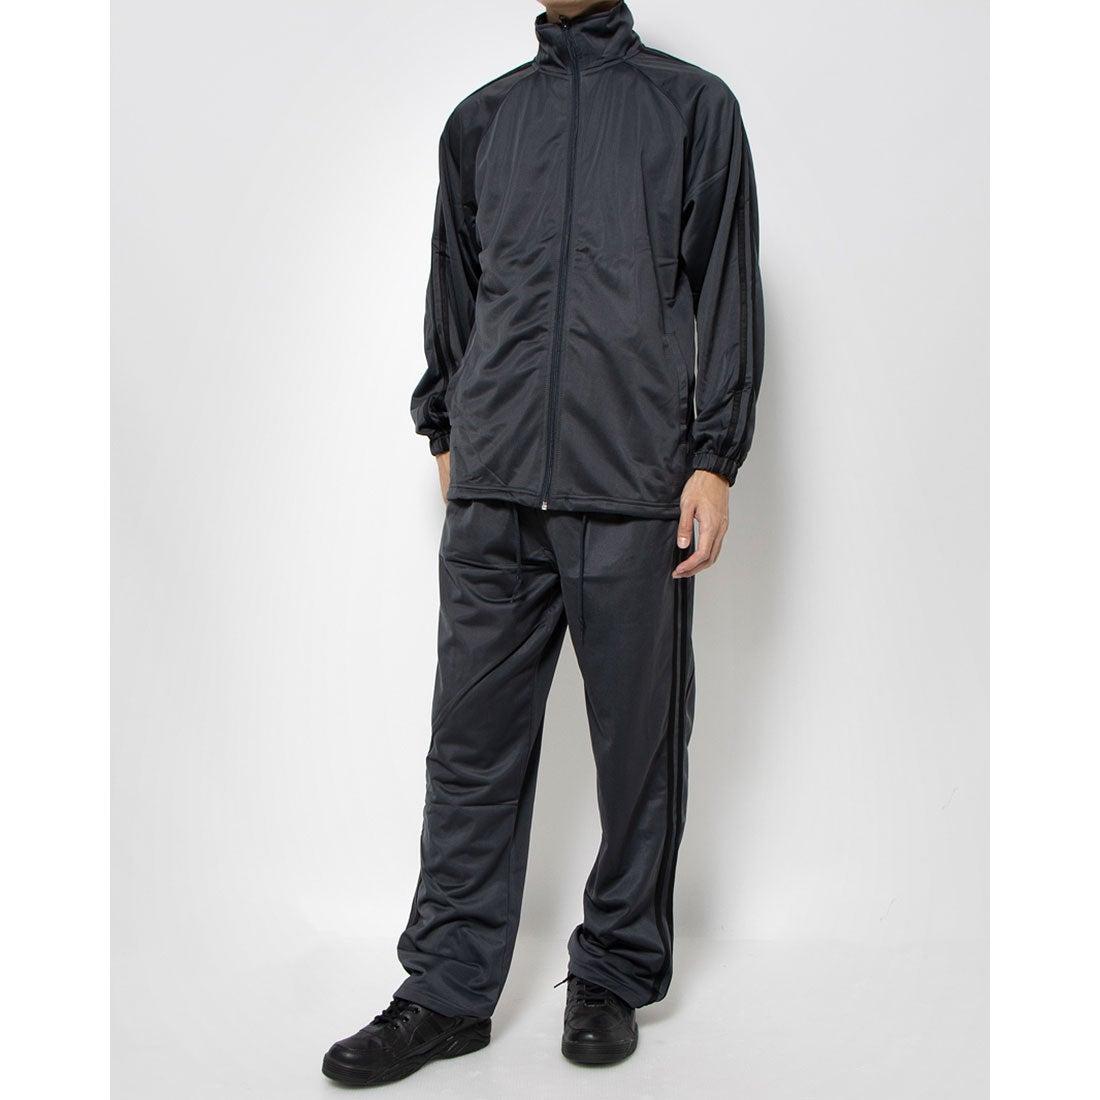 ロコンド 靴とファッションの通販サイトスタイルブロック STYLEBLOCK トリコット2ラインジャージ上下セット (チャコール×ブラック)